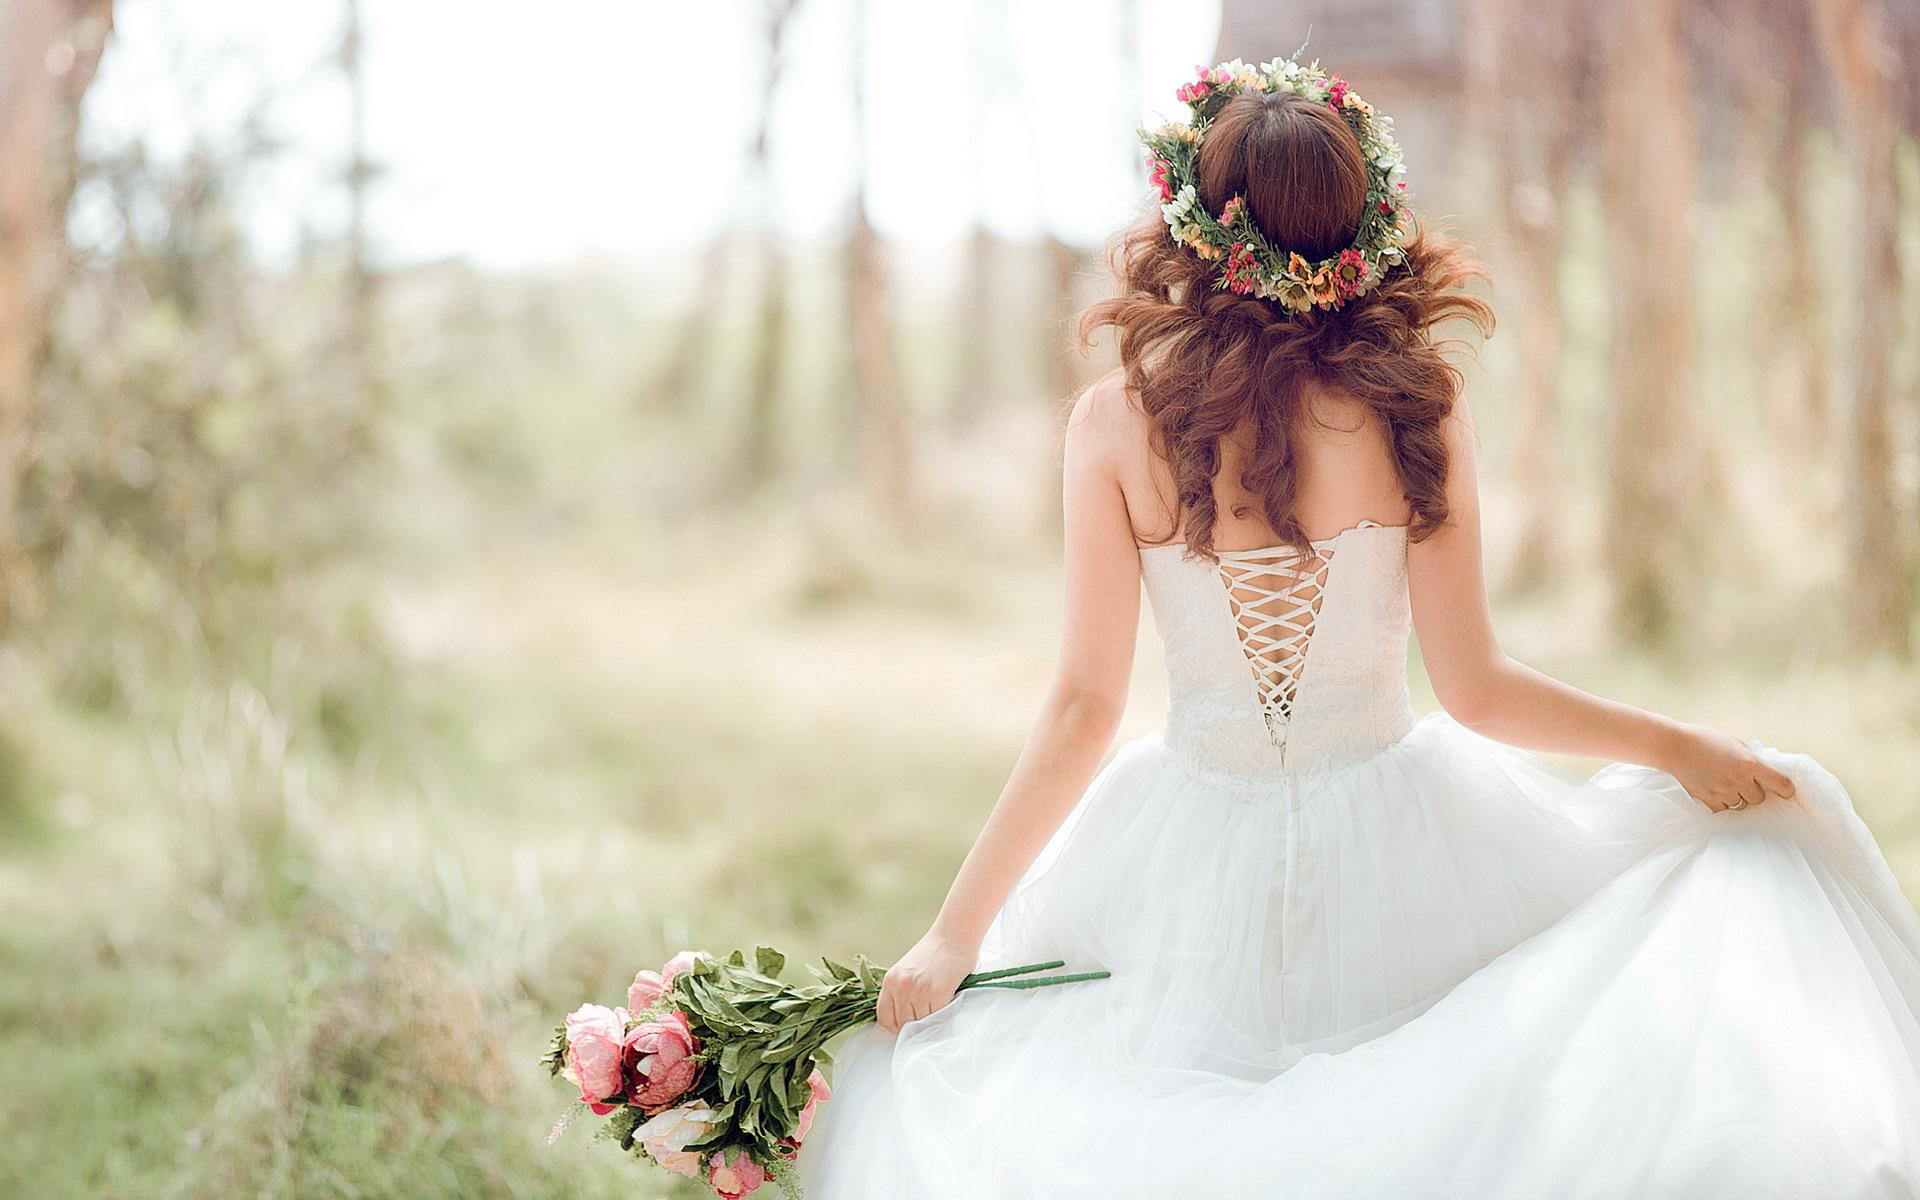 Bride-Woman-Outdoor-Wallpaper-High-Res-Pics-7777